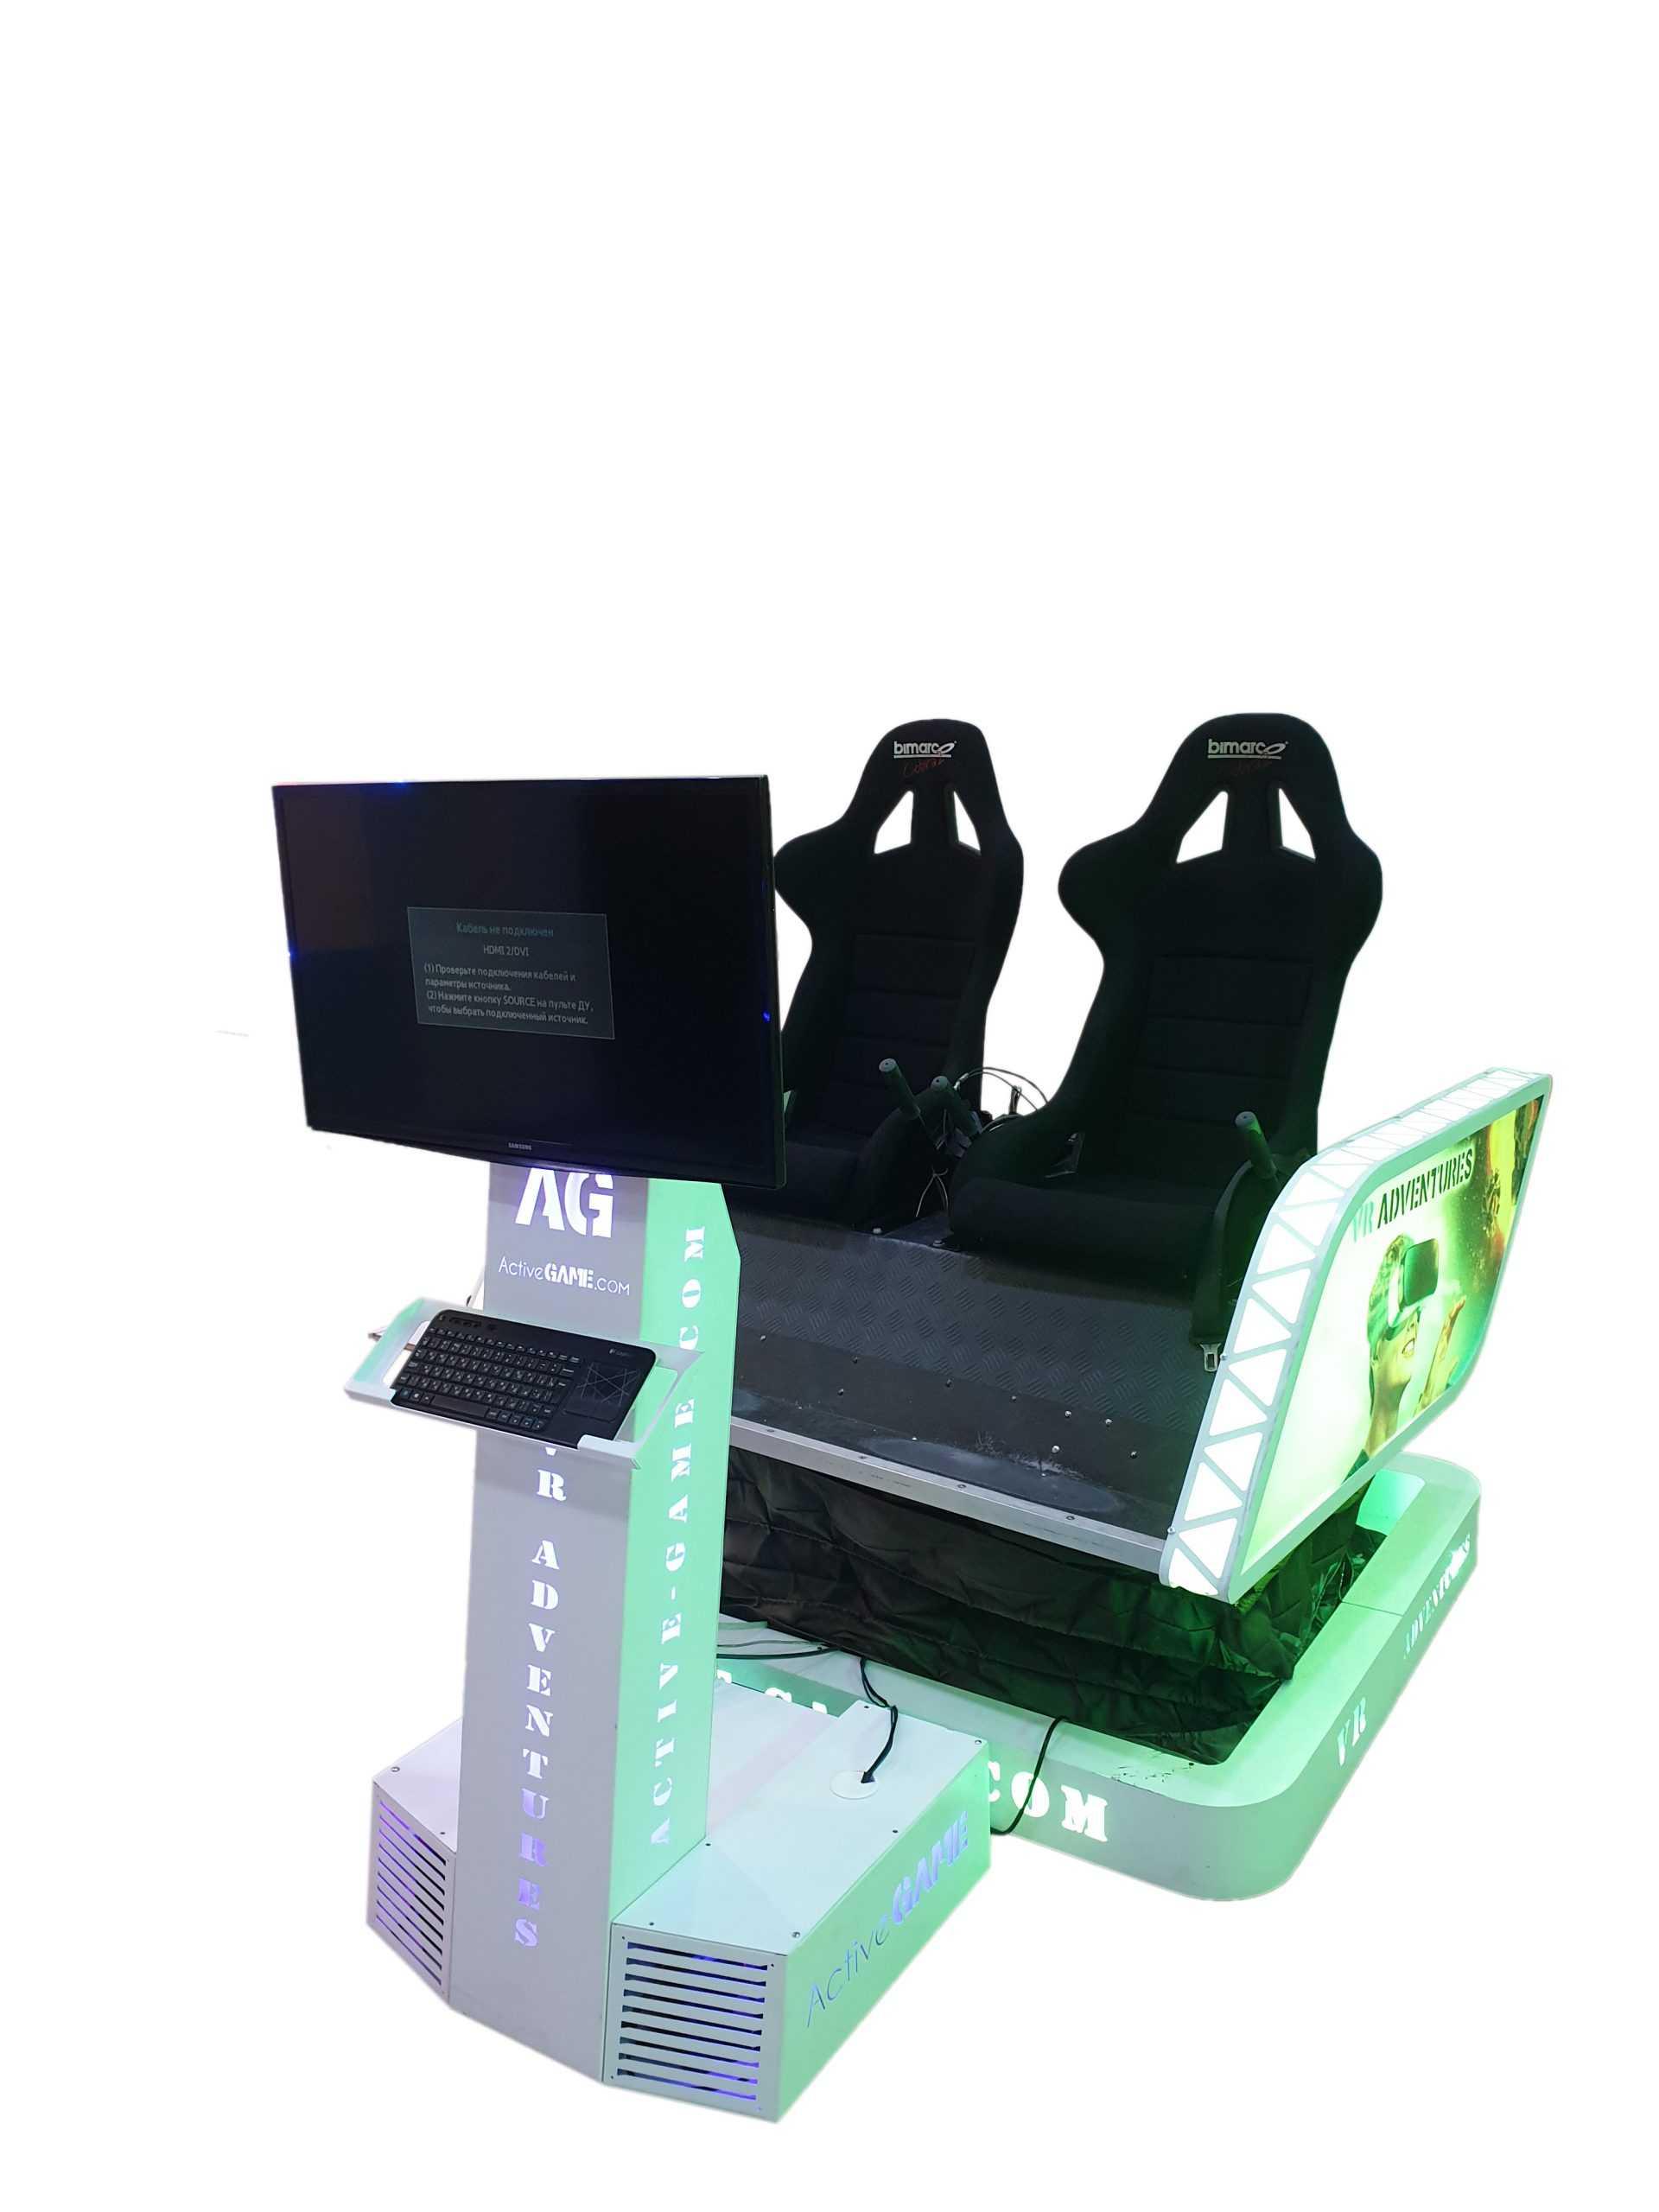 Double_Sim Full motion VR simulator 2dof, 3dof,4dof,6dof motion platform